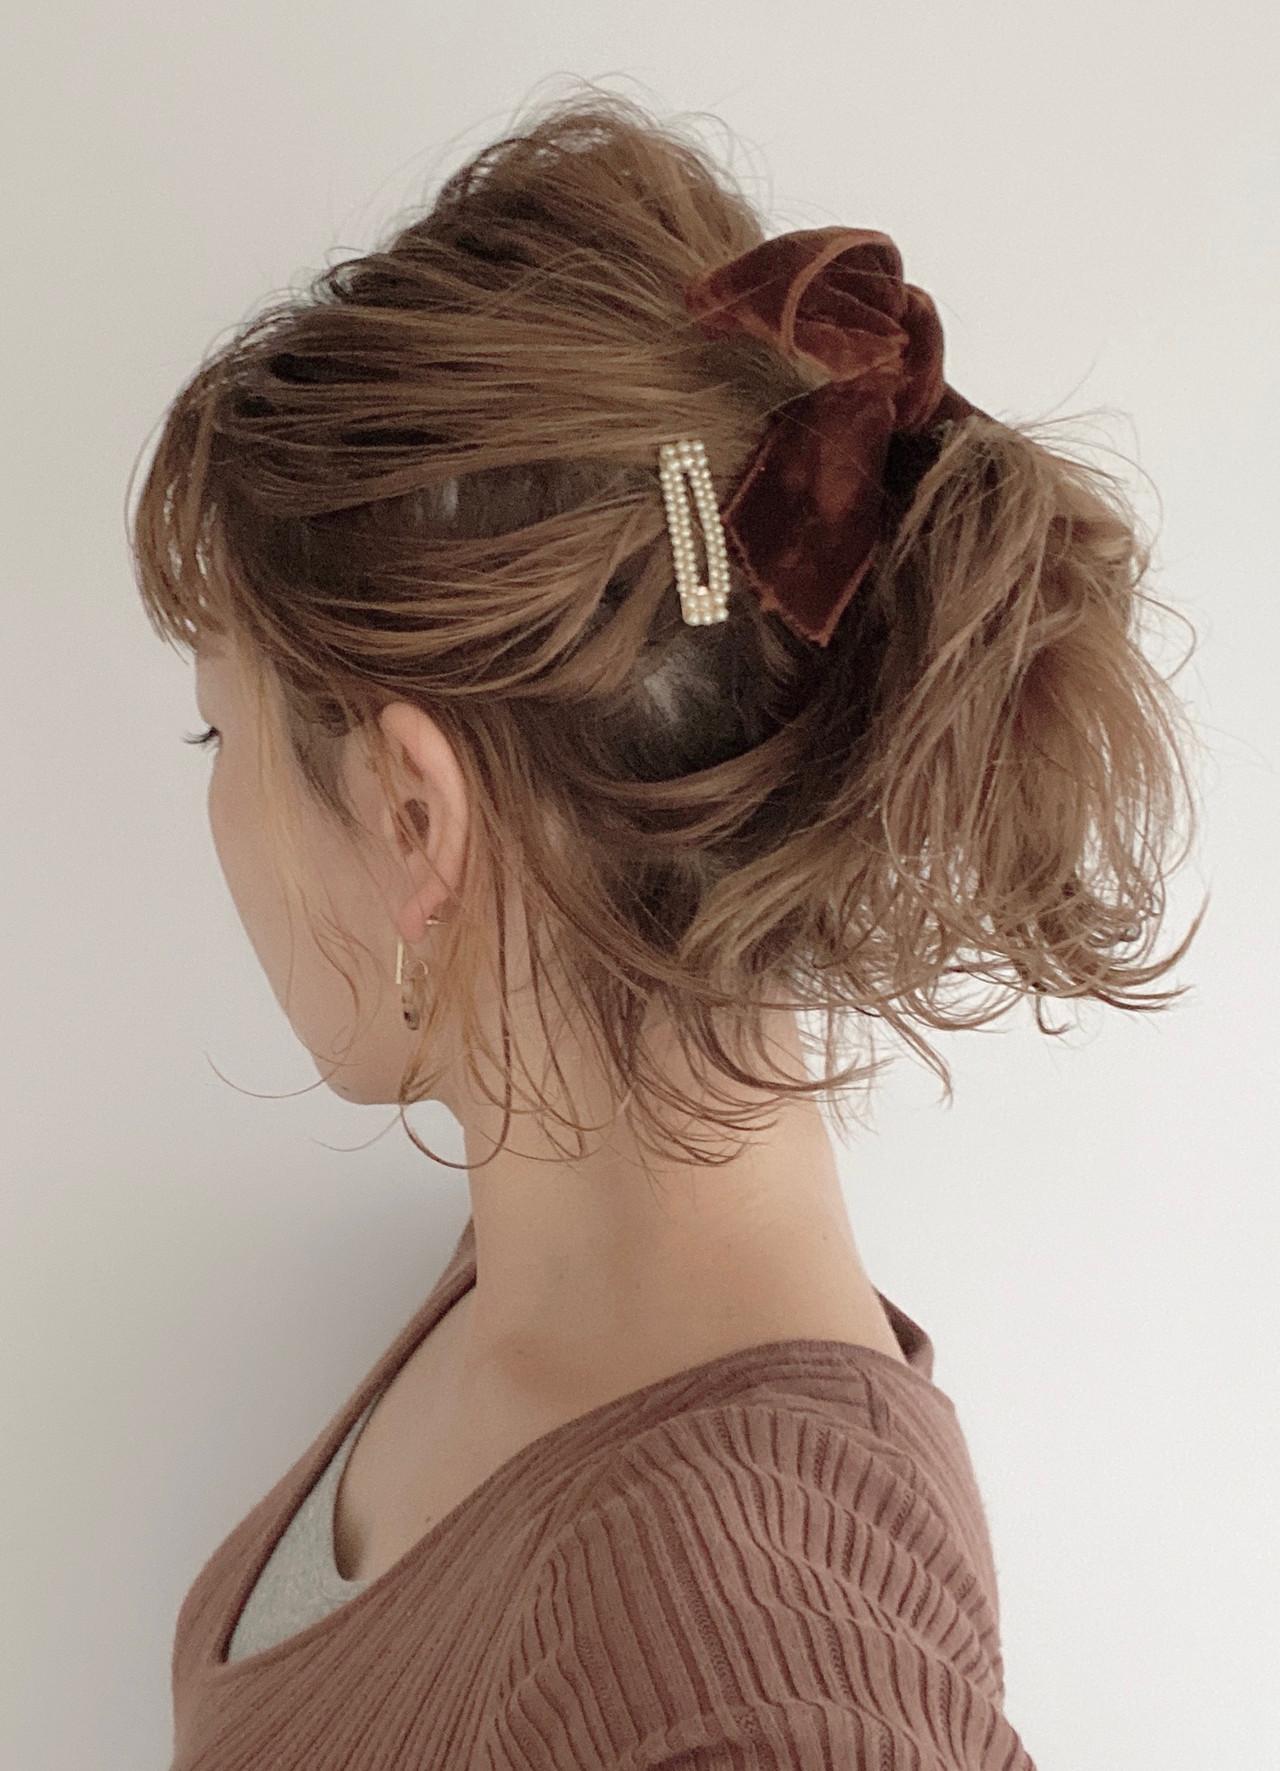 ヘアアレンジ ポニーテール ナチュラル ボブ ヘアスタイルや髪型の写真・画像